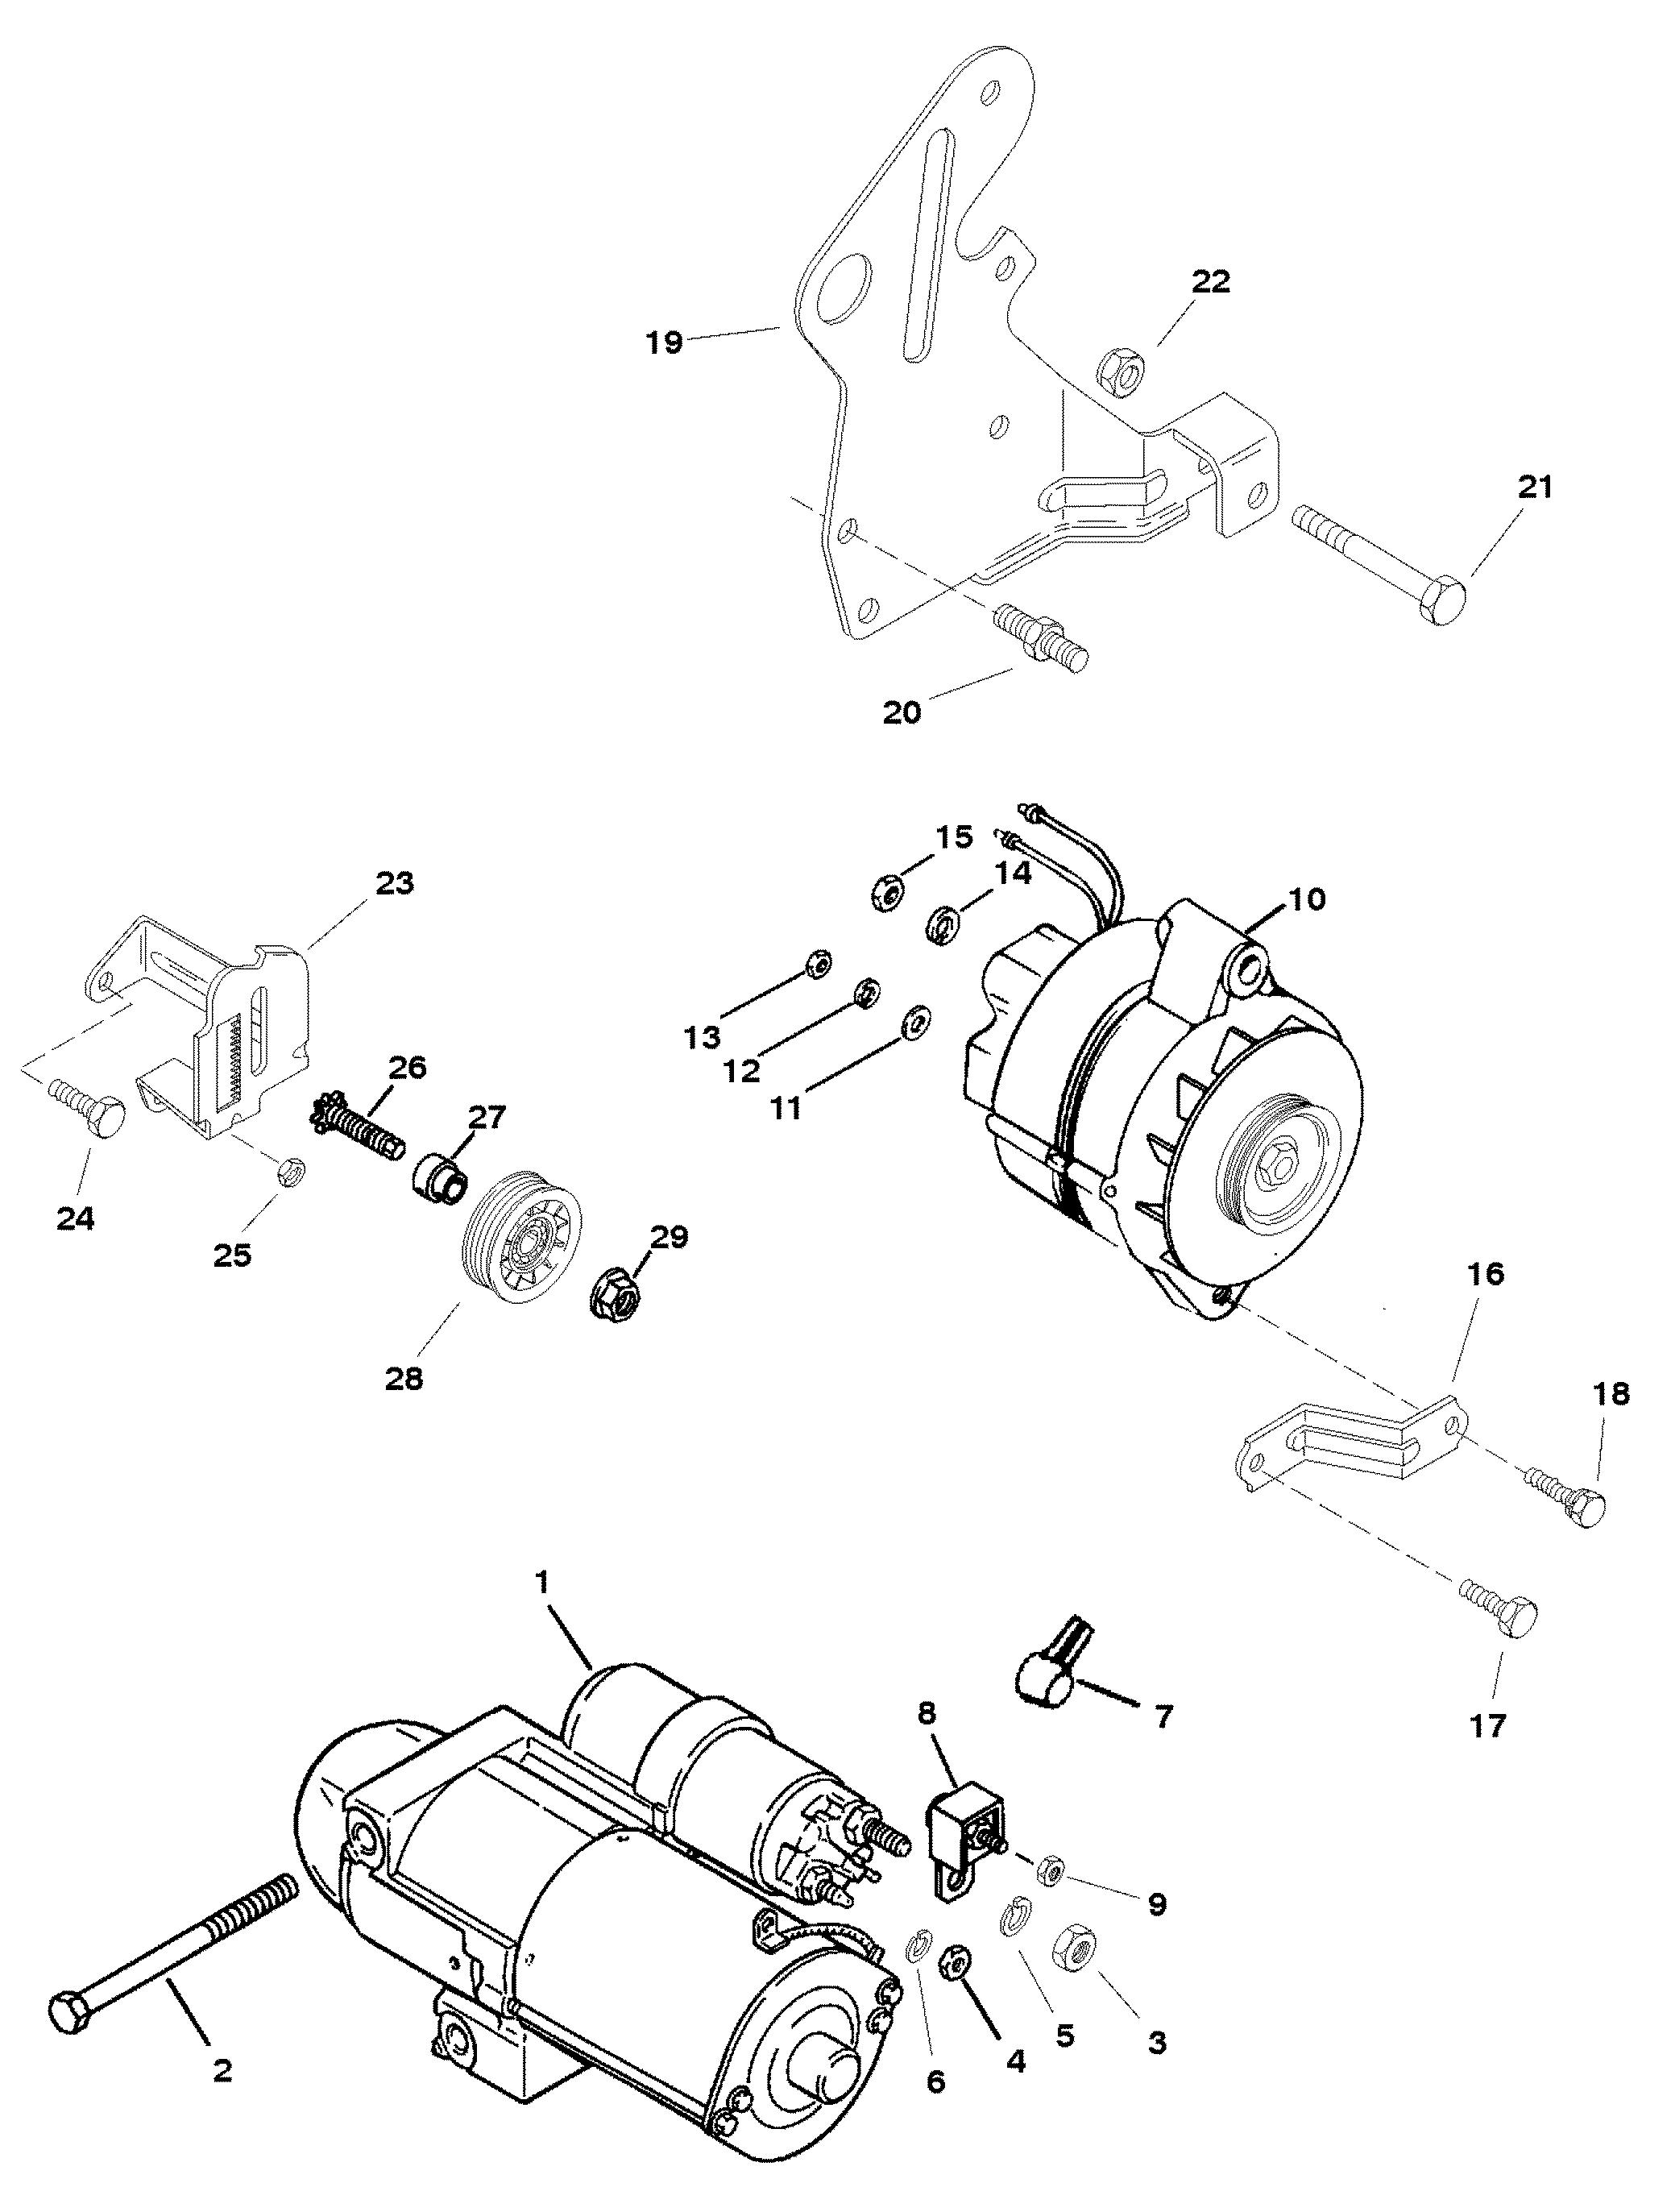 starter motor and alternator for mercruiser 5 7lx tbi brav0 350 tbi mag alpha efi